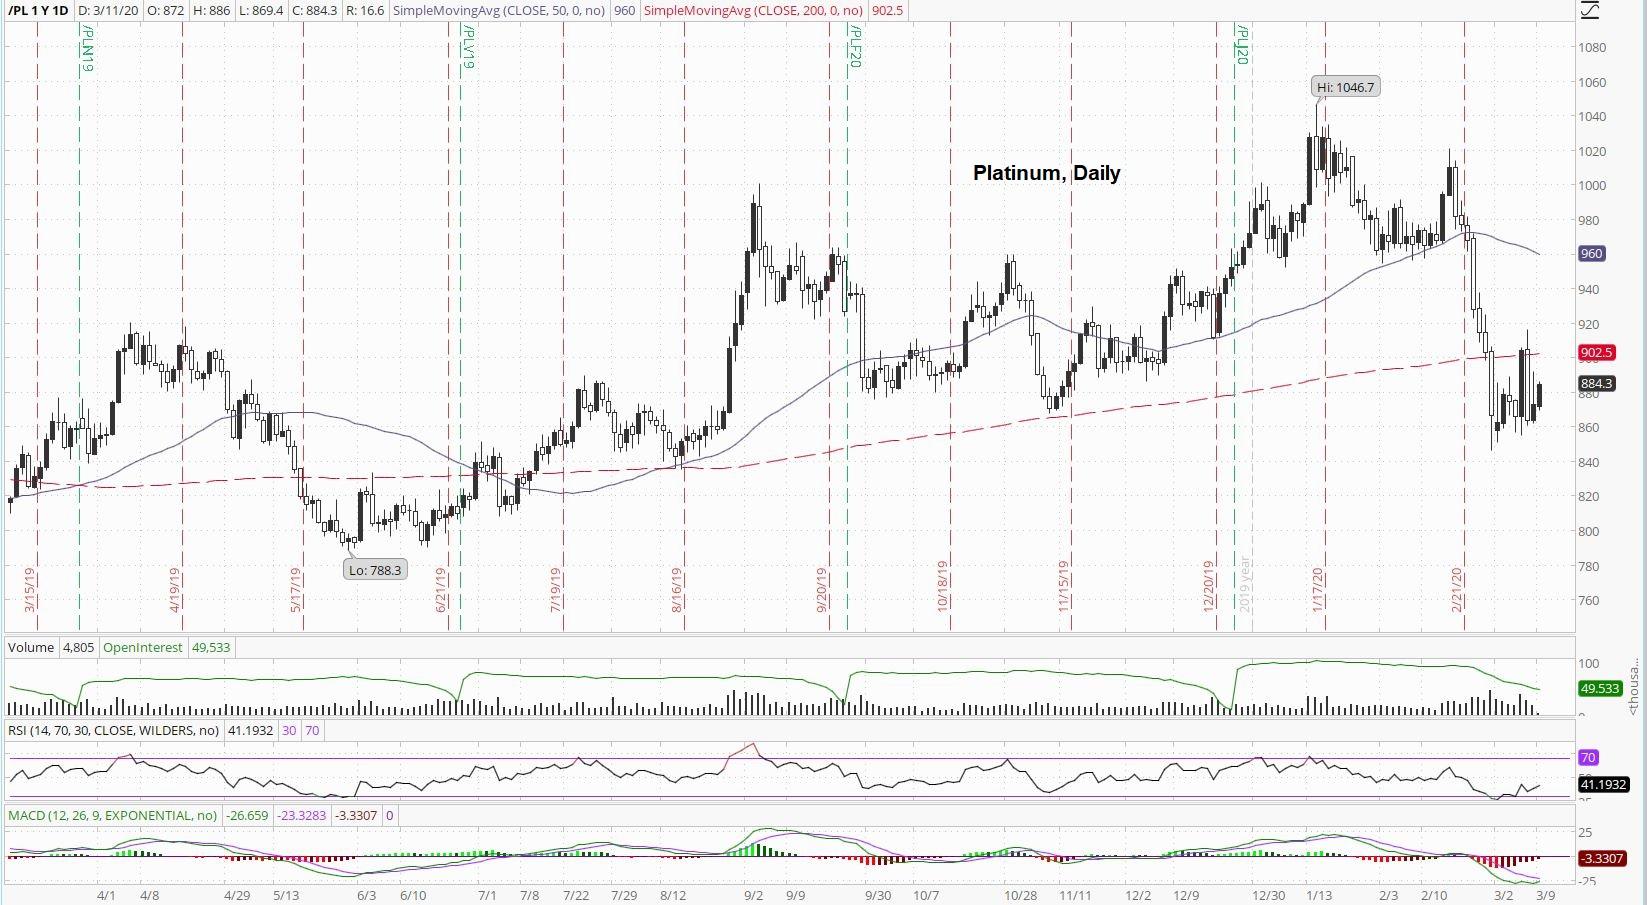 Platinum Daily Index